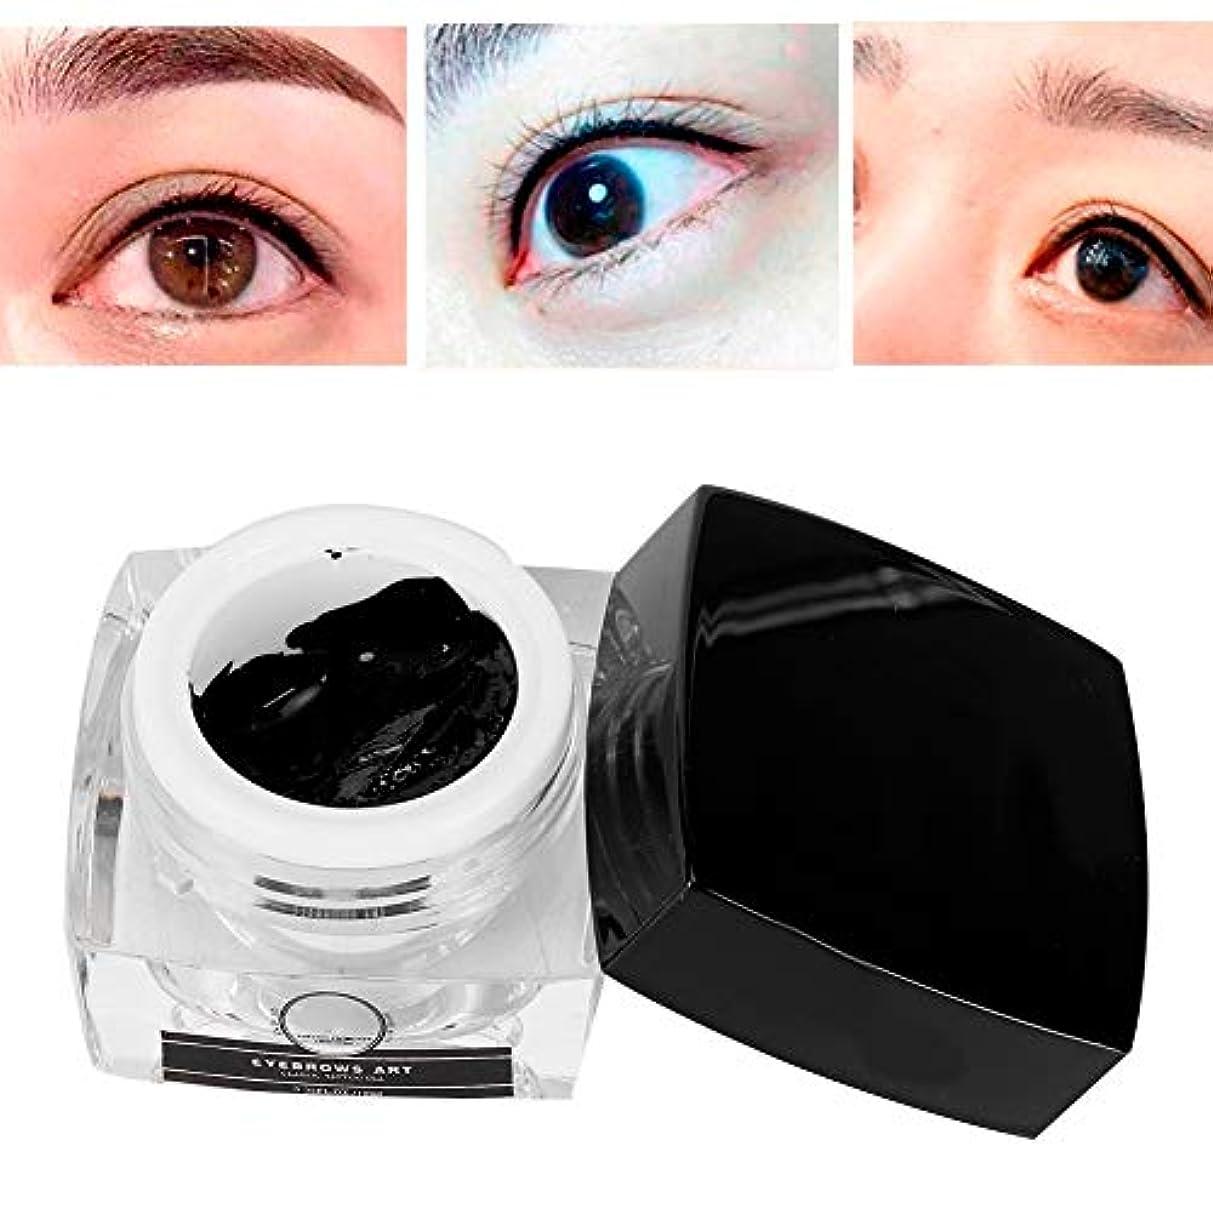 機械的にパイント魅惑する眉毛の入れ墨インク、自然な入れ墨の顔料Microbladingの顔料の半永久的な唇の眉毛のタトゥーの長続きがするインククリームの眉毛の唇のアイラインの永久的な構造(ブラック)